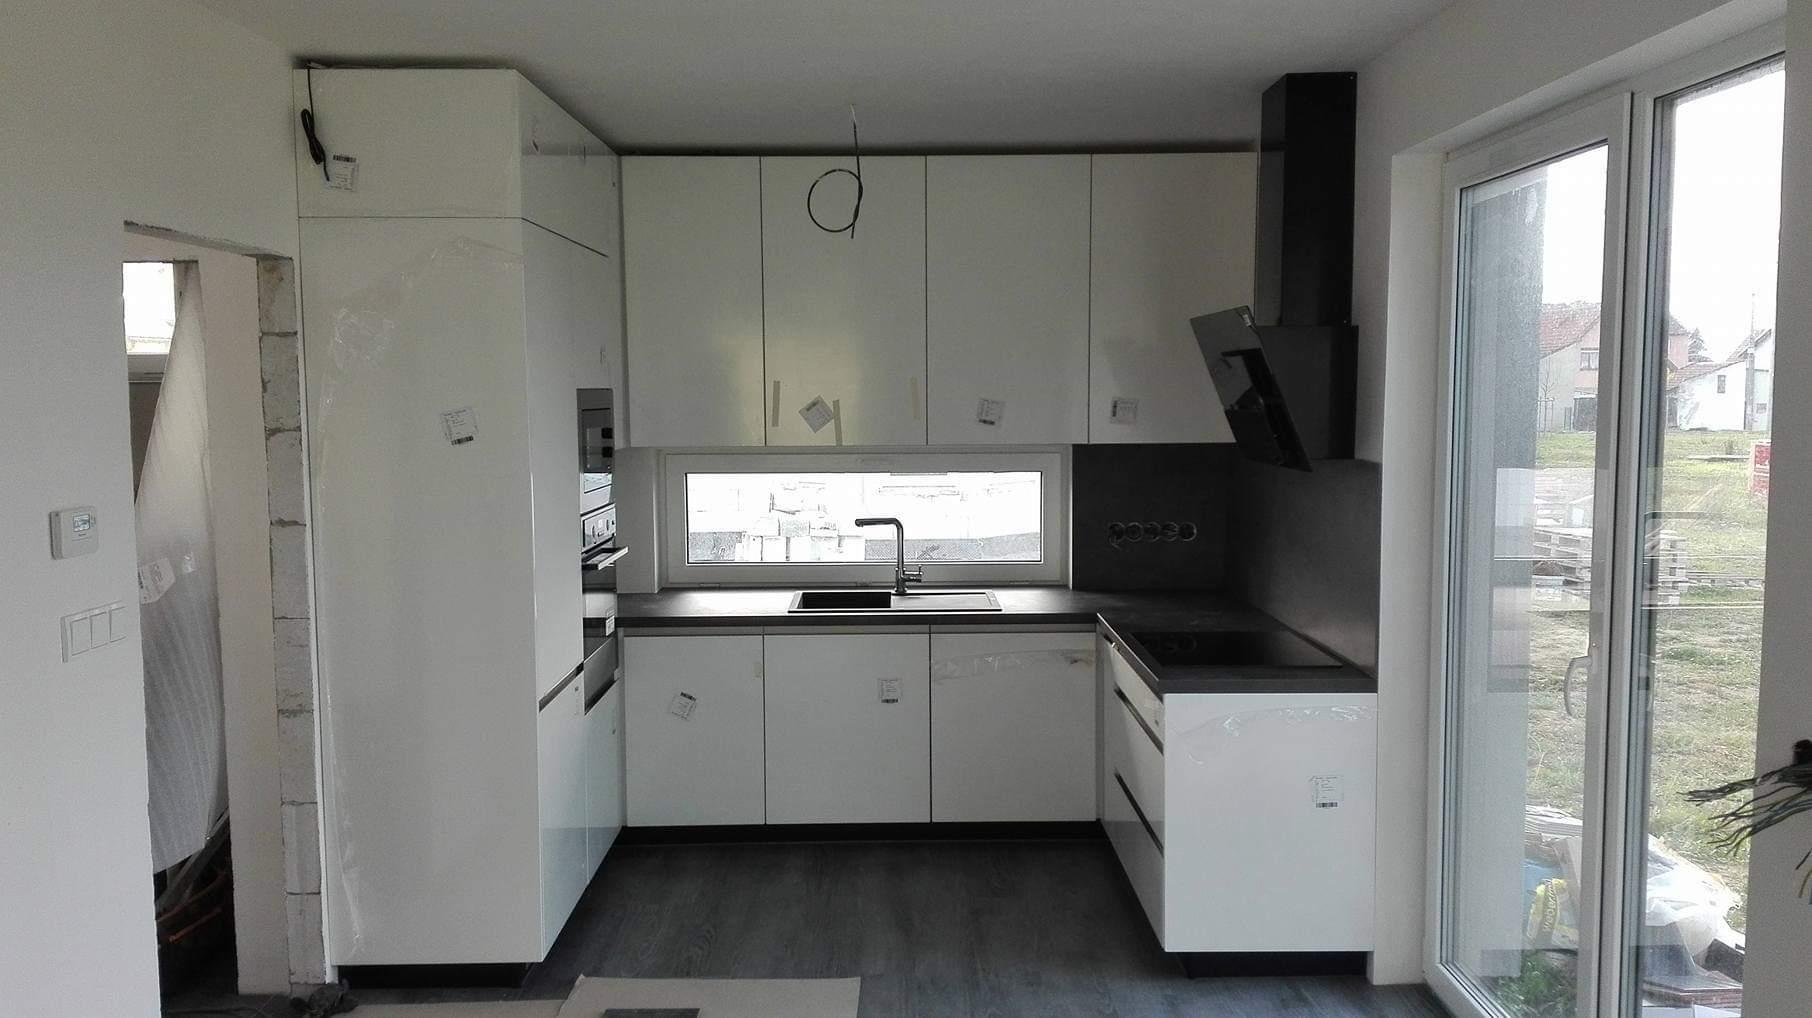 Stavba domu na kraji Prahy - Kuchyně instalována. Ještě chybí zásuvky, slepení ochranných fólií a bude hotovo.